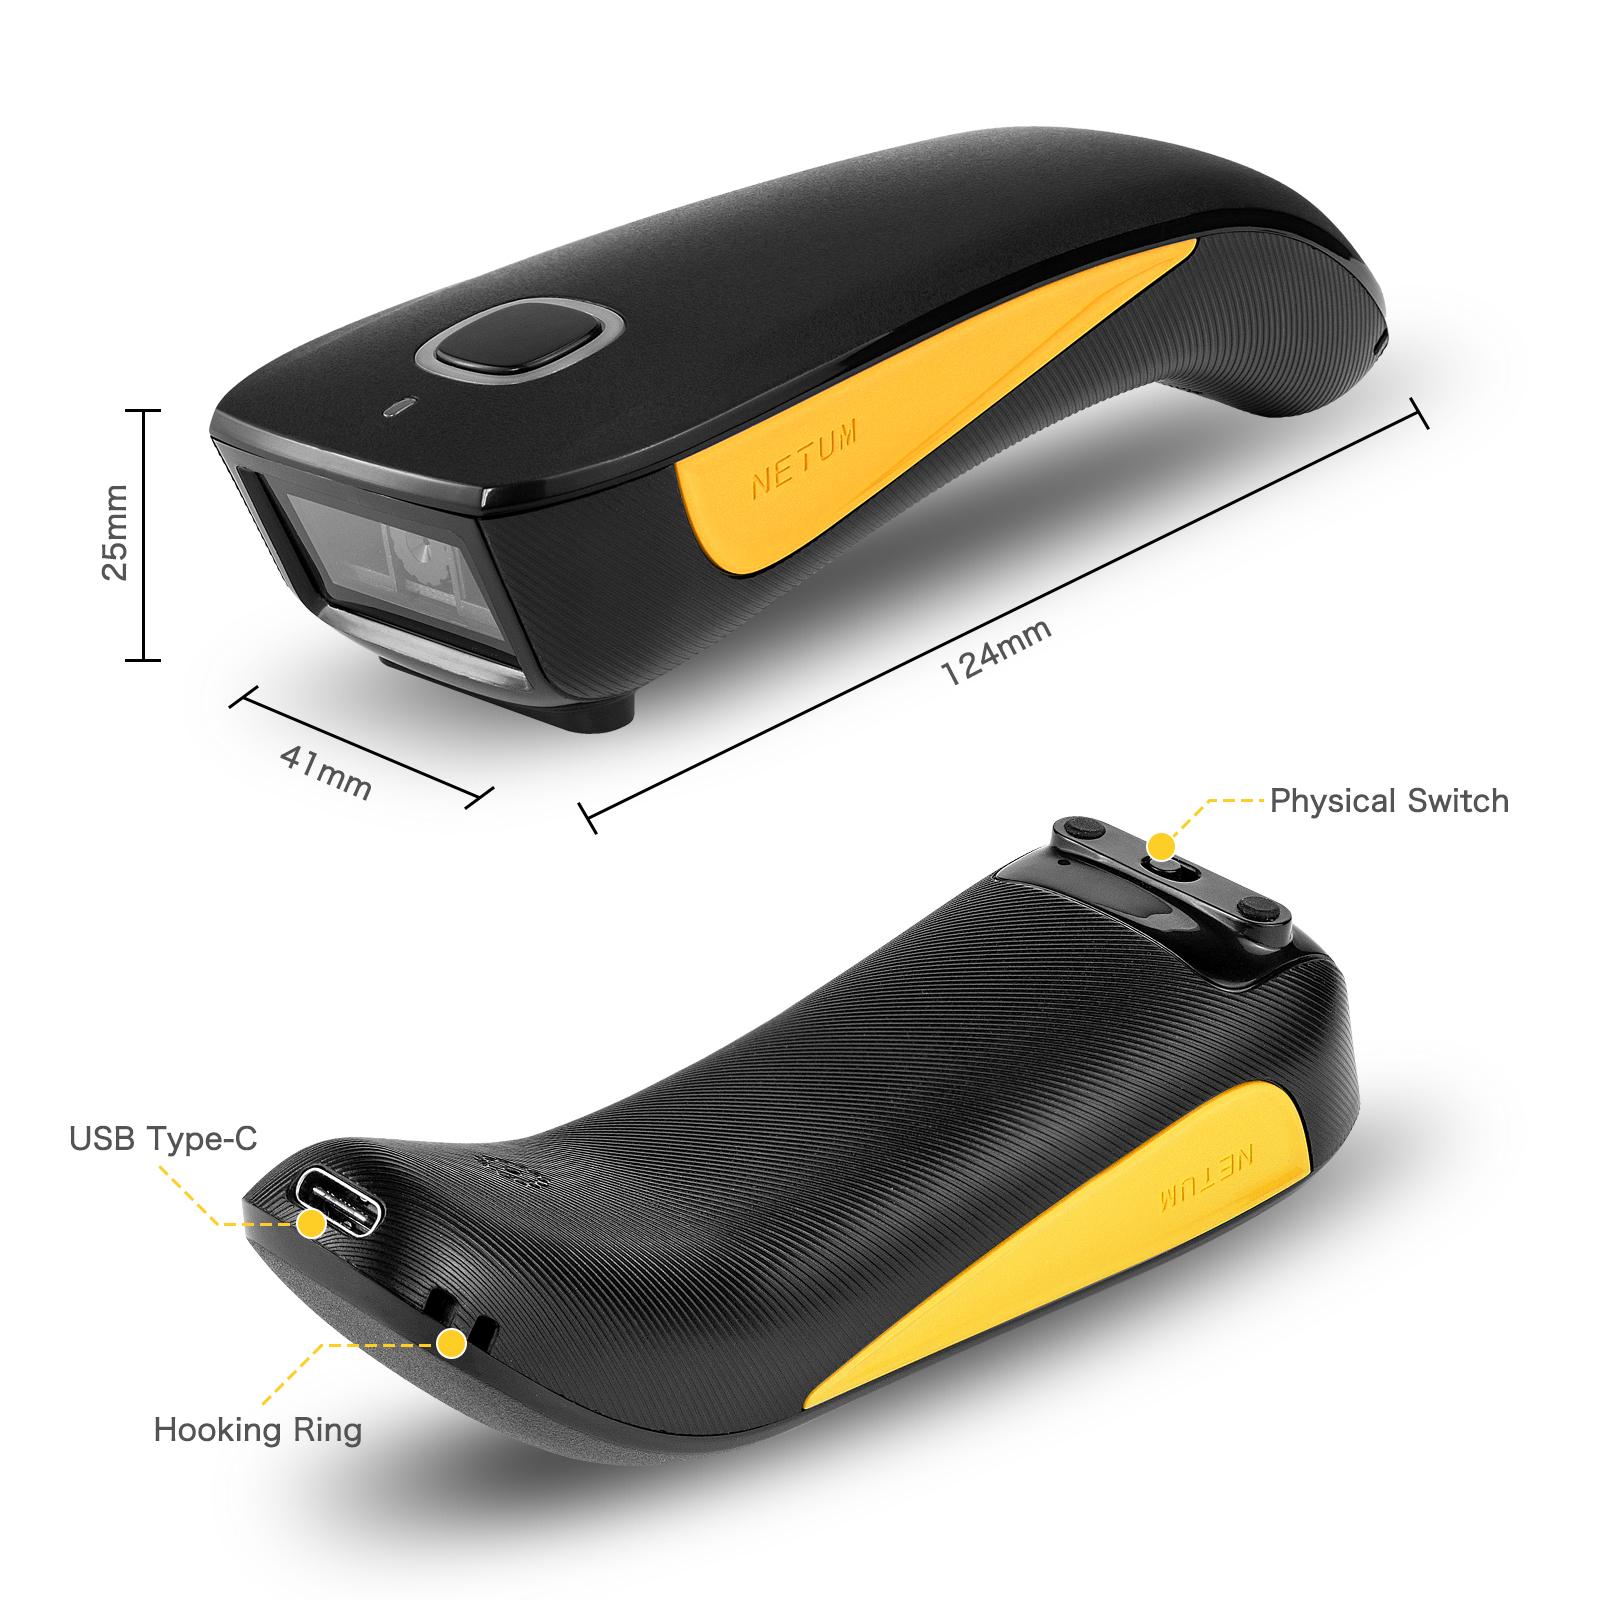 2D Barcode Scanner Support Screnn Scanning Manufacturers, 2D Barcode Scanner Support Screnn Scanning Factory, Supply 2D Barcode Scanner Support Screnn Scanning